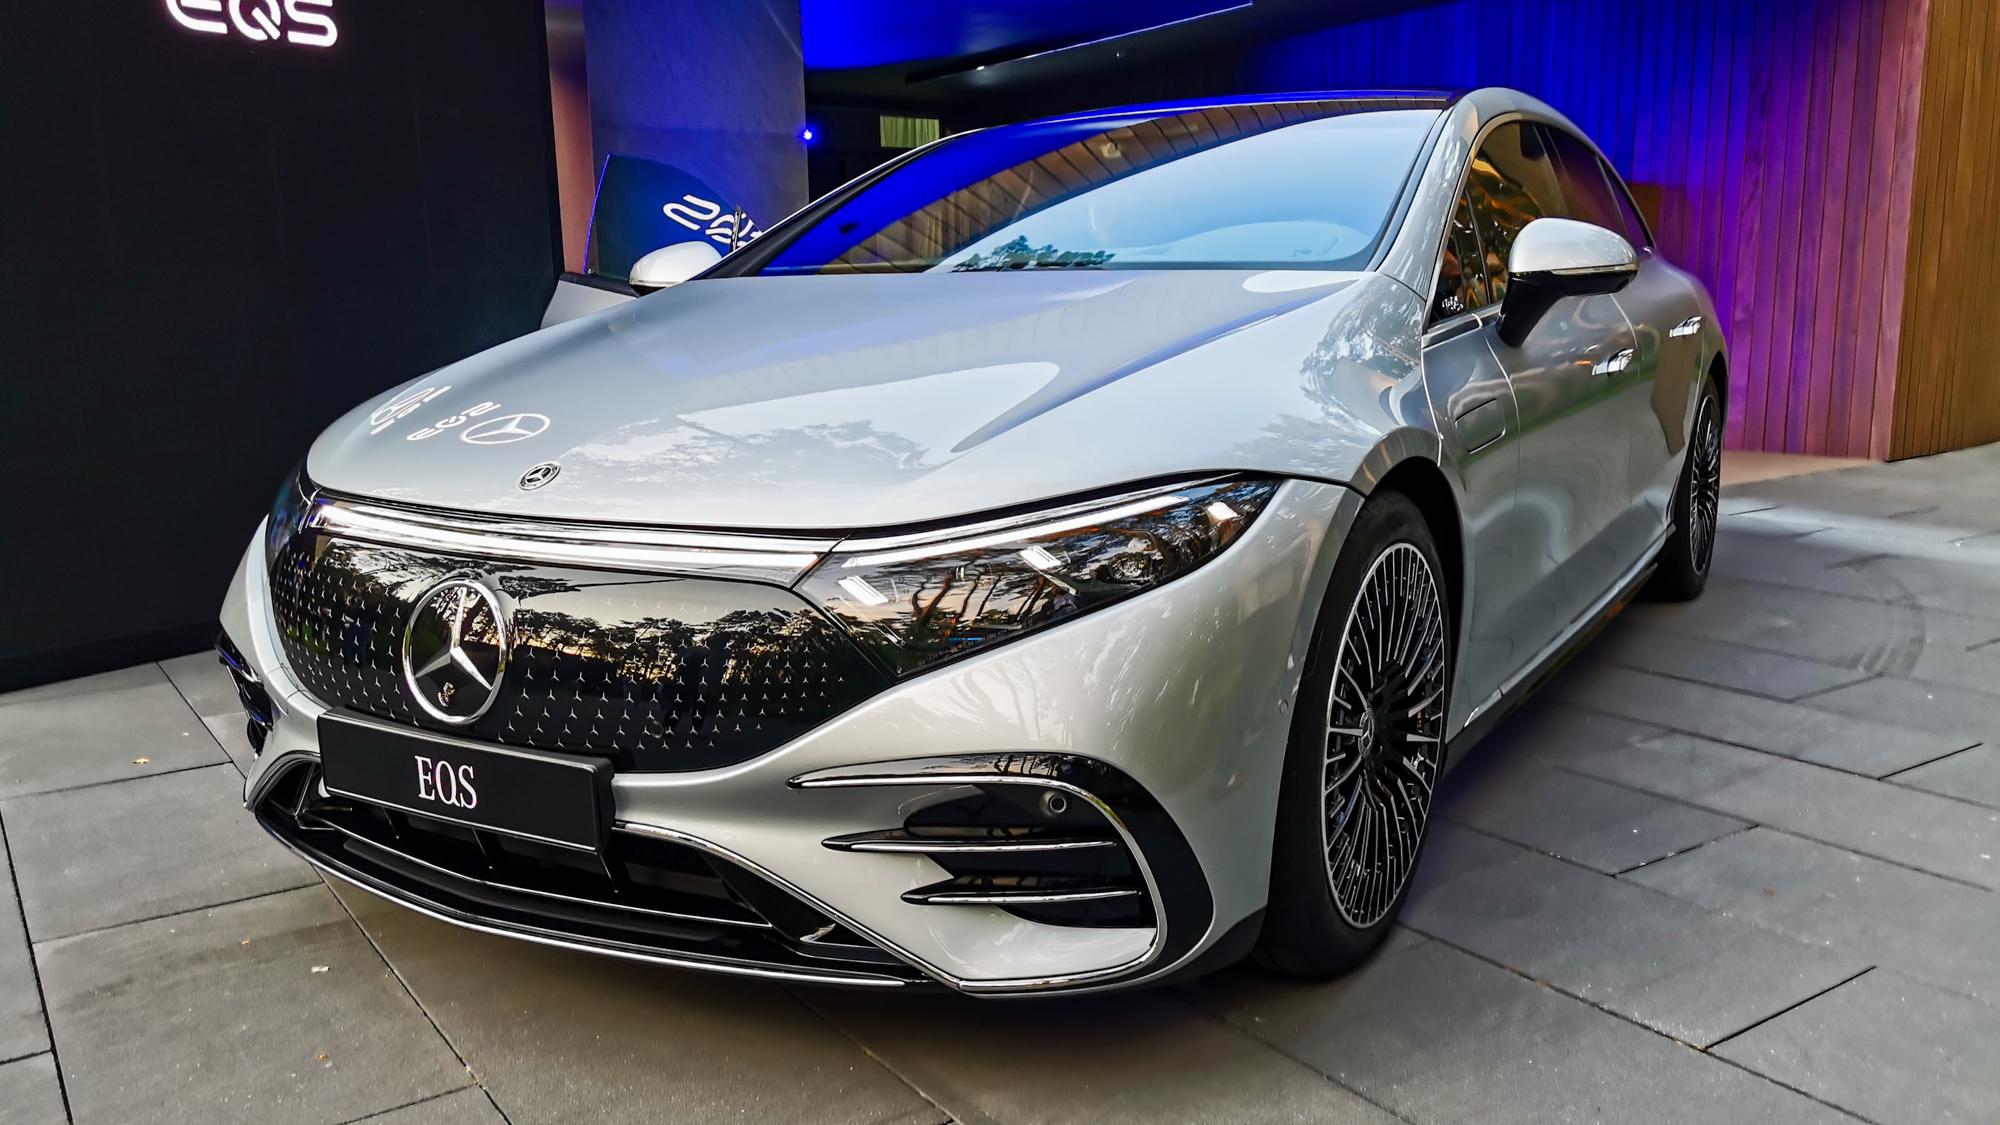 Mercedes EQS - premiera